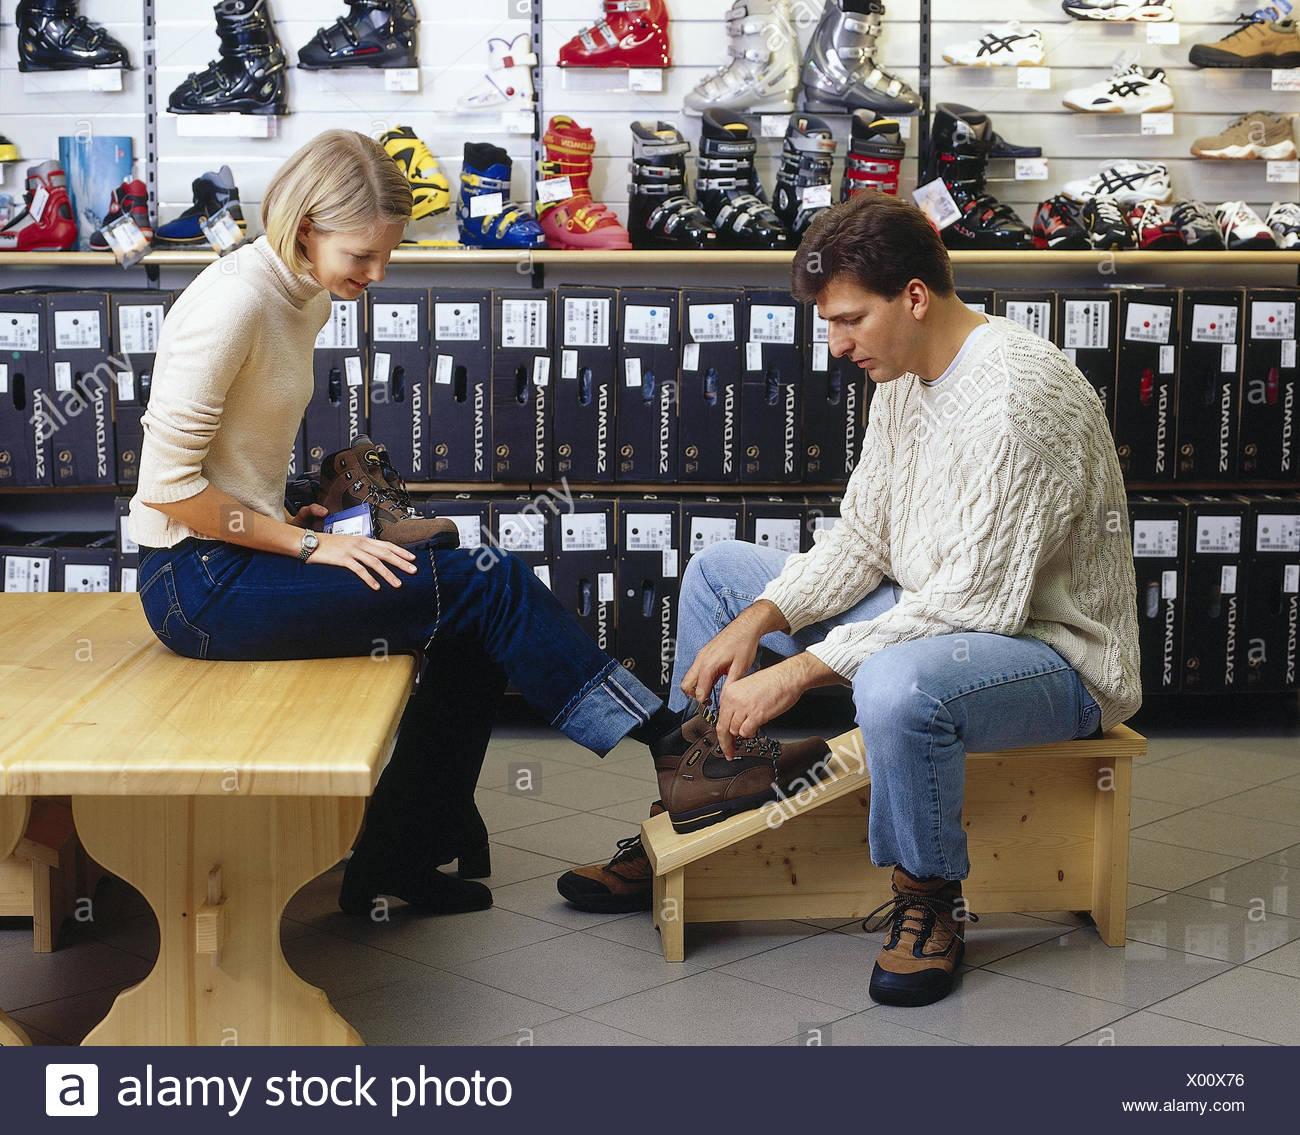 fb89ed7f4e673d Sport, vendeur, client, voyageant des chaussures, raccord, à l'intérieur,  femme, jeune, essayez sur, sélectionnez, ...